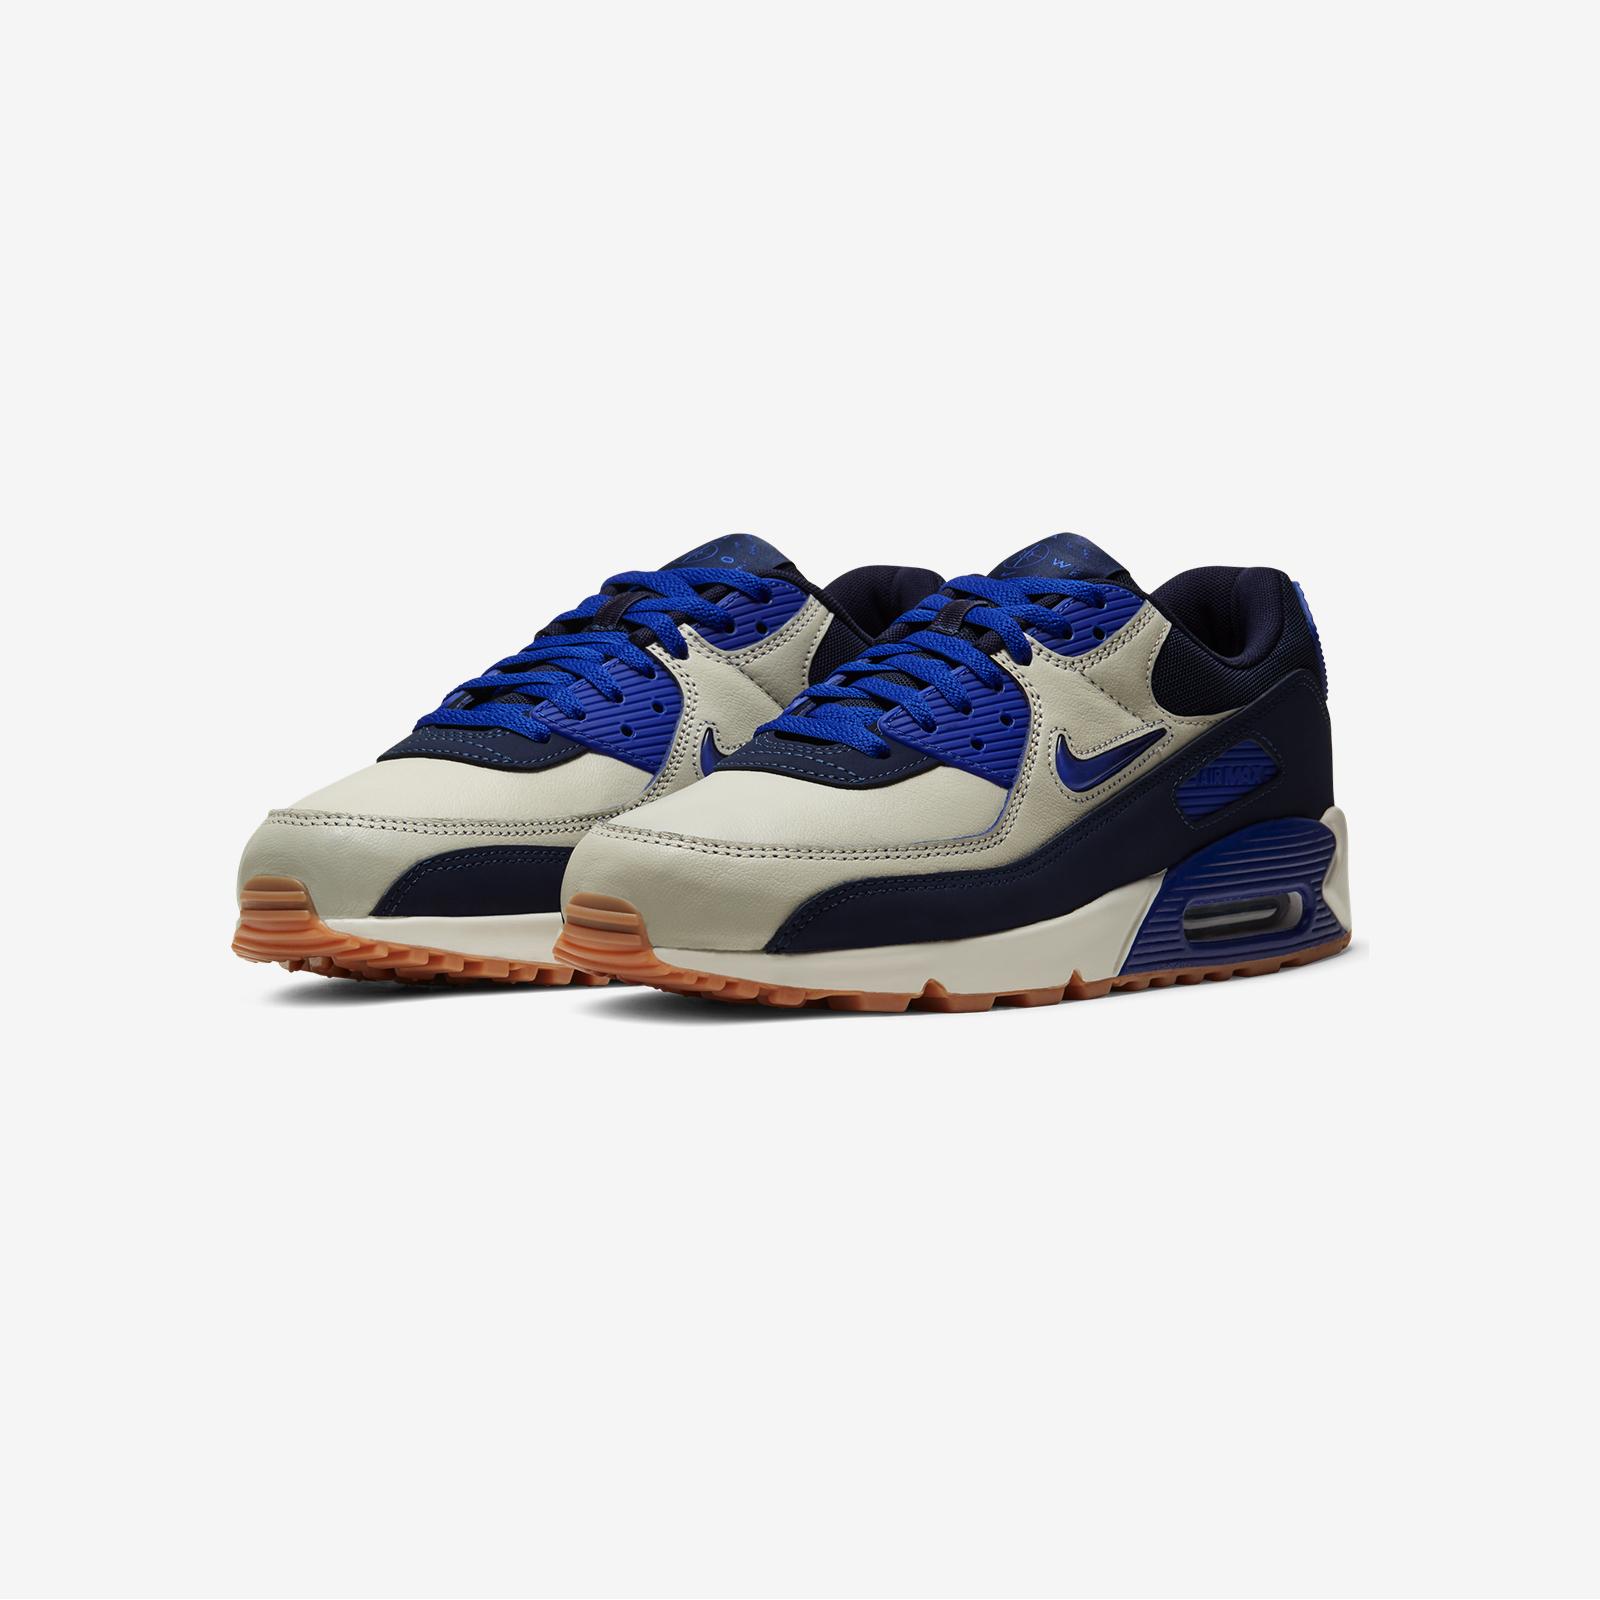 Nike Air Max 90 Premium - Cj0611-102 - SNS | sneakers & streetwear ...